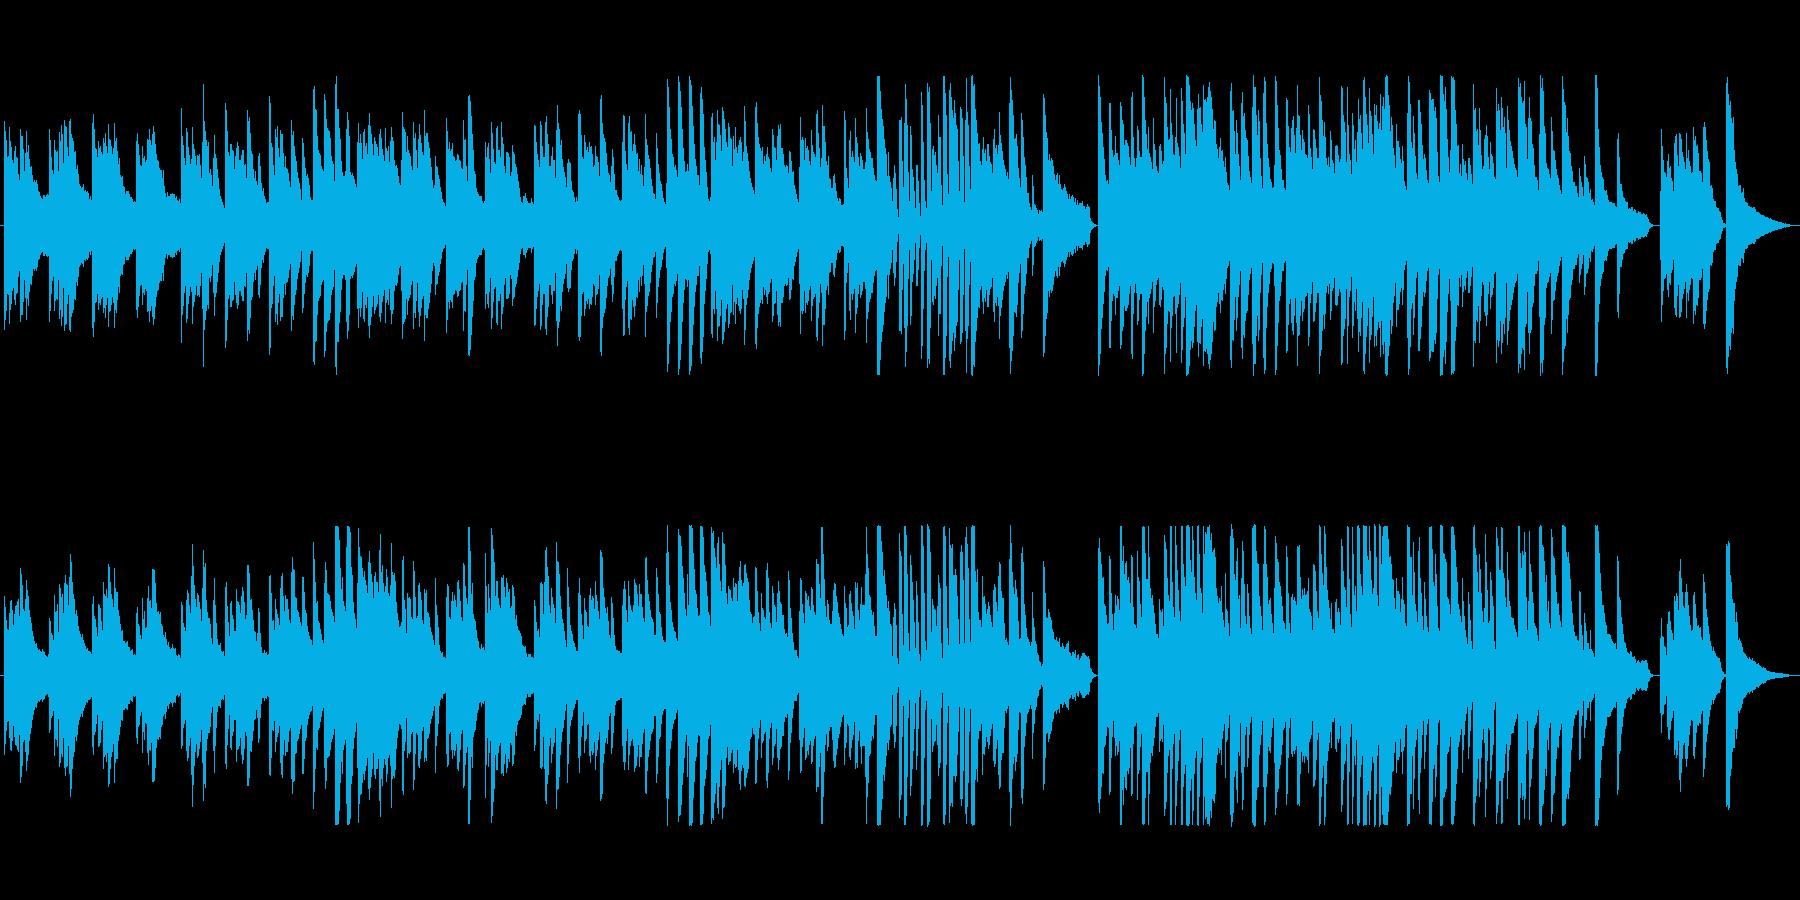 しっとり感動系ピアノポップスの再生済みの波形